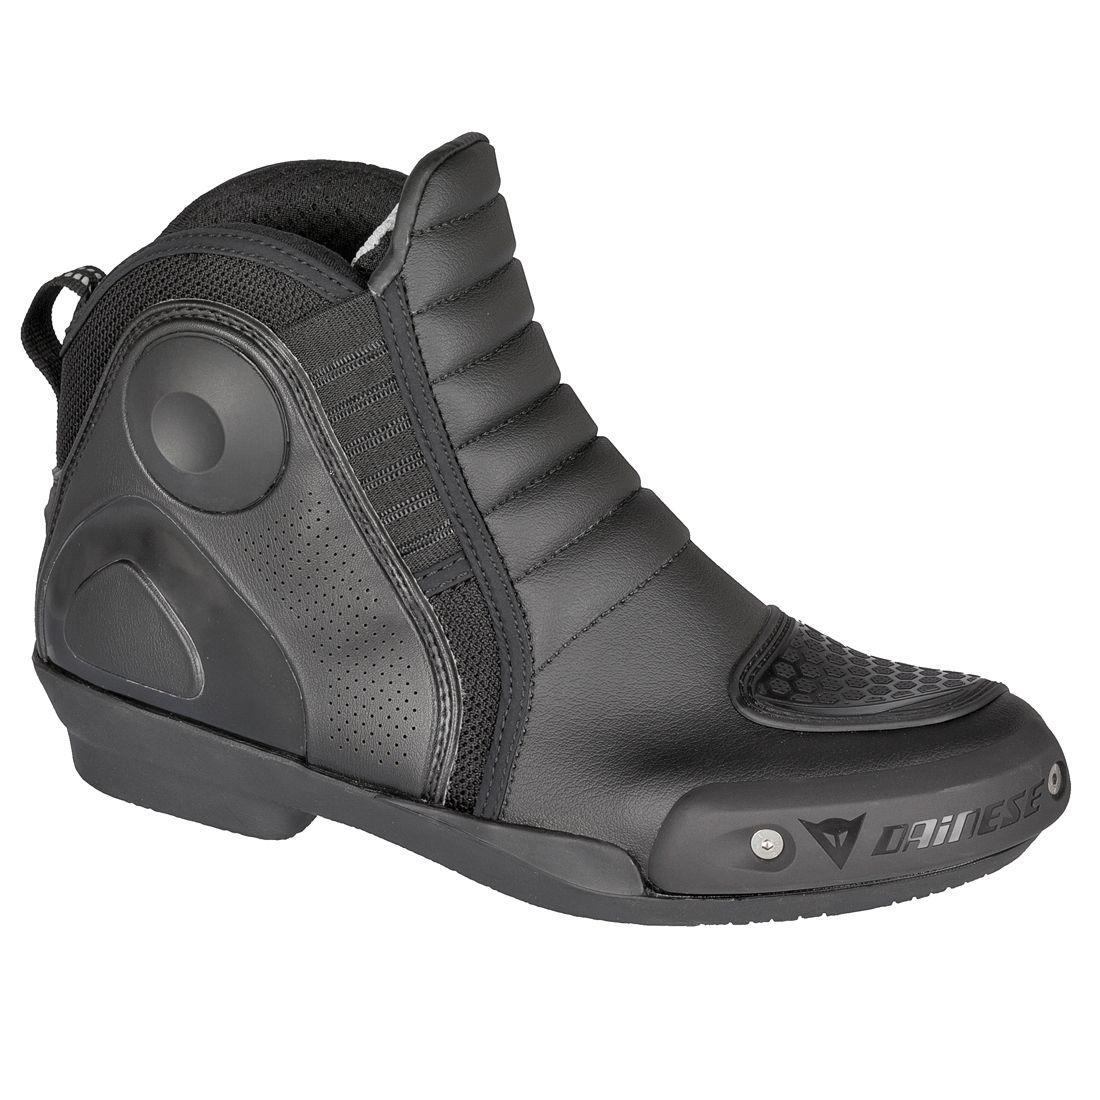 【DAINESE】GARDE S-RS 女用車鞋 - 「Webike-摩托百貨」